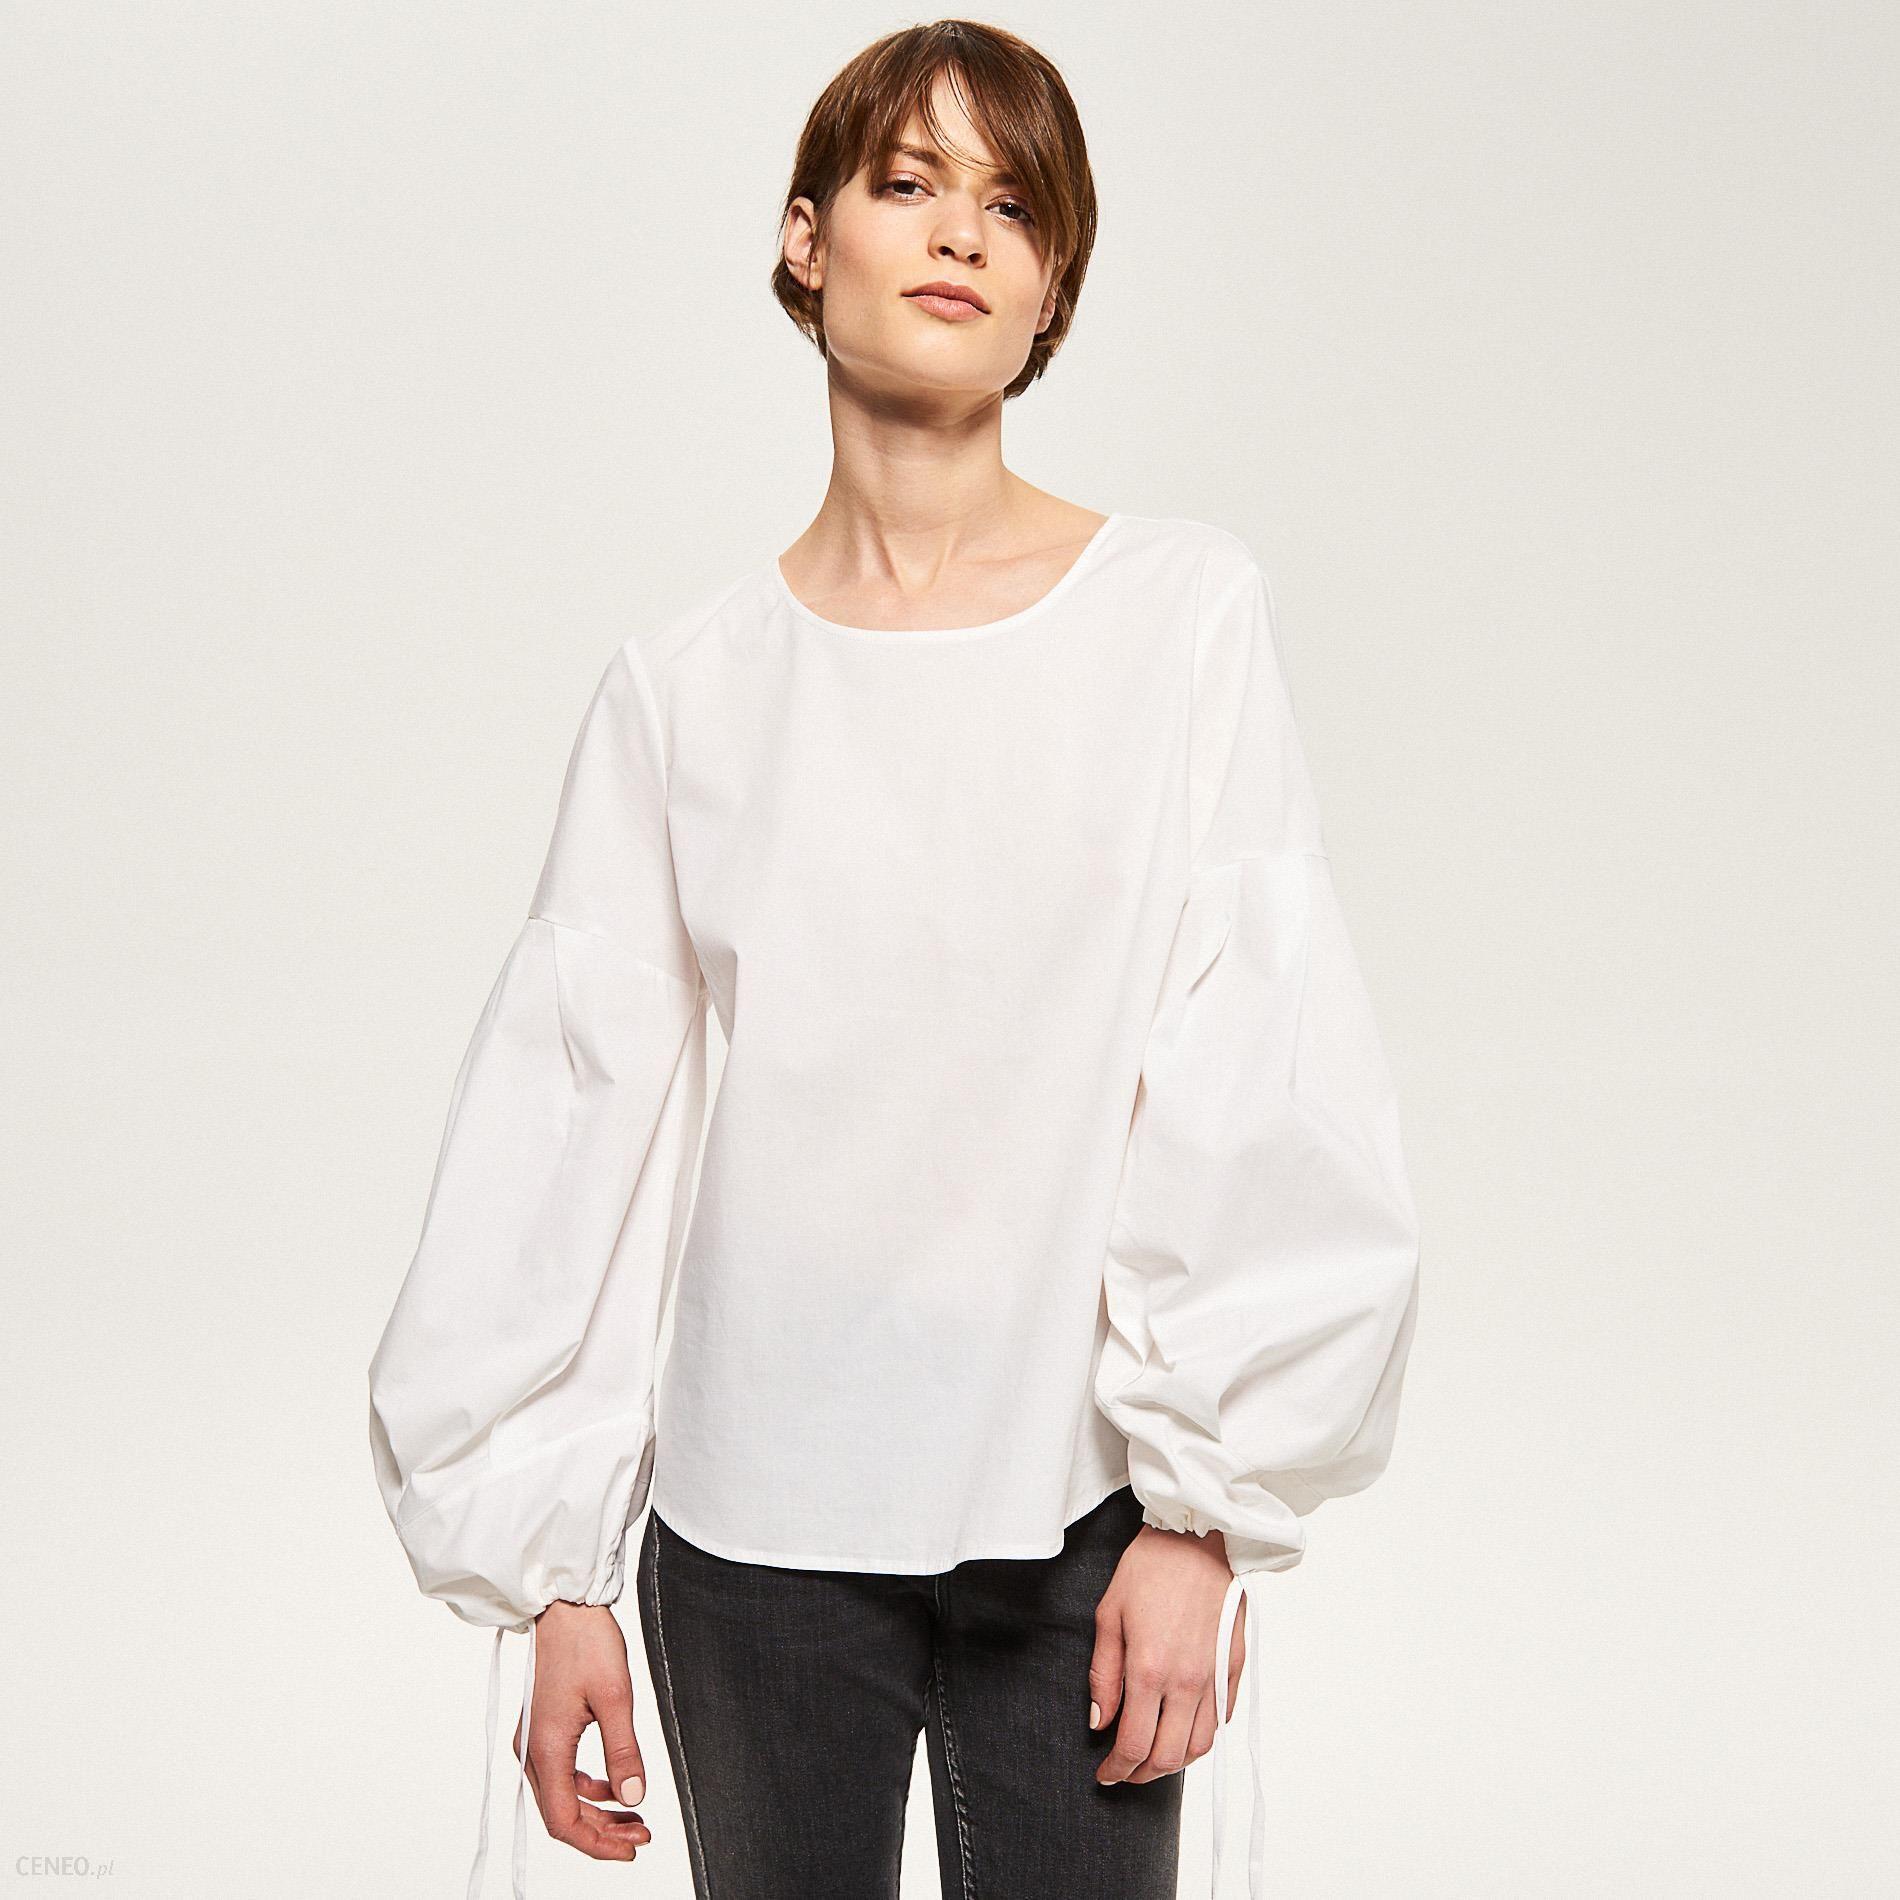 47ef2fb007a09c Reserved - Bluzka z szerokimi rękawami - Biały - Ceny i opinie ...